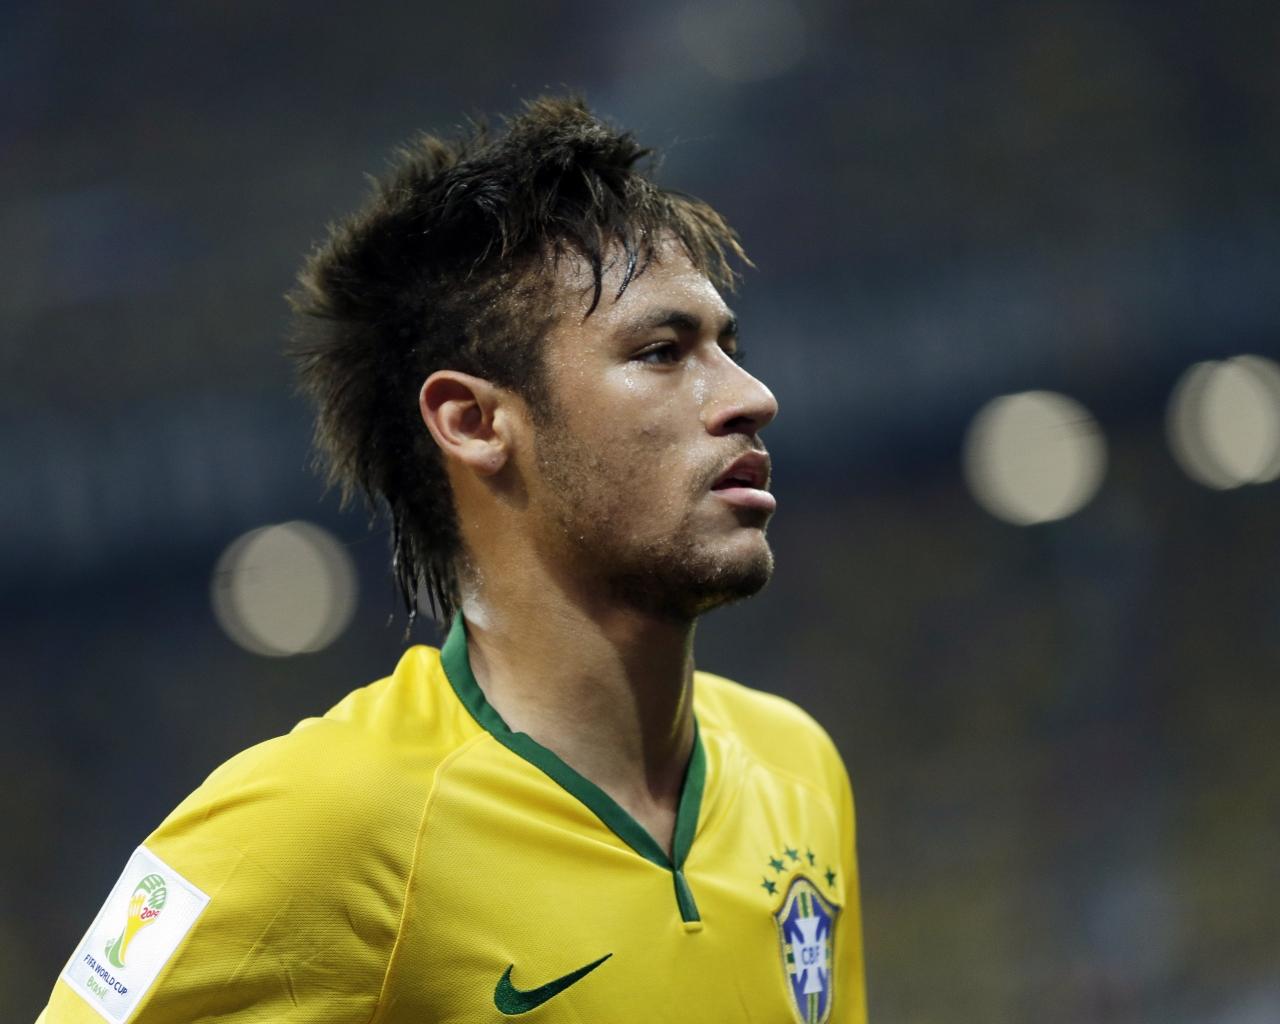 Neymar de Brasil - 1280x1024